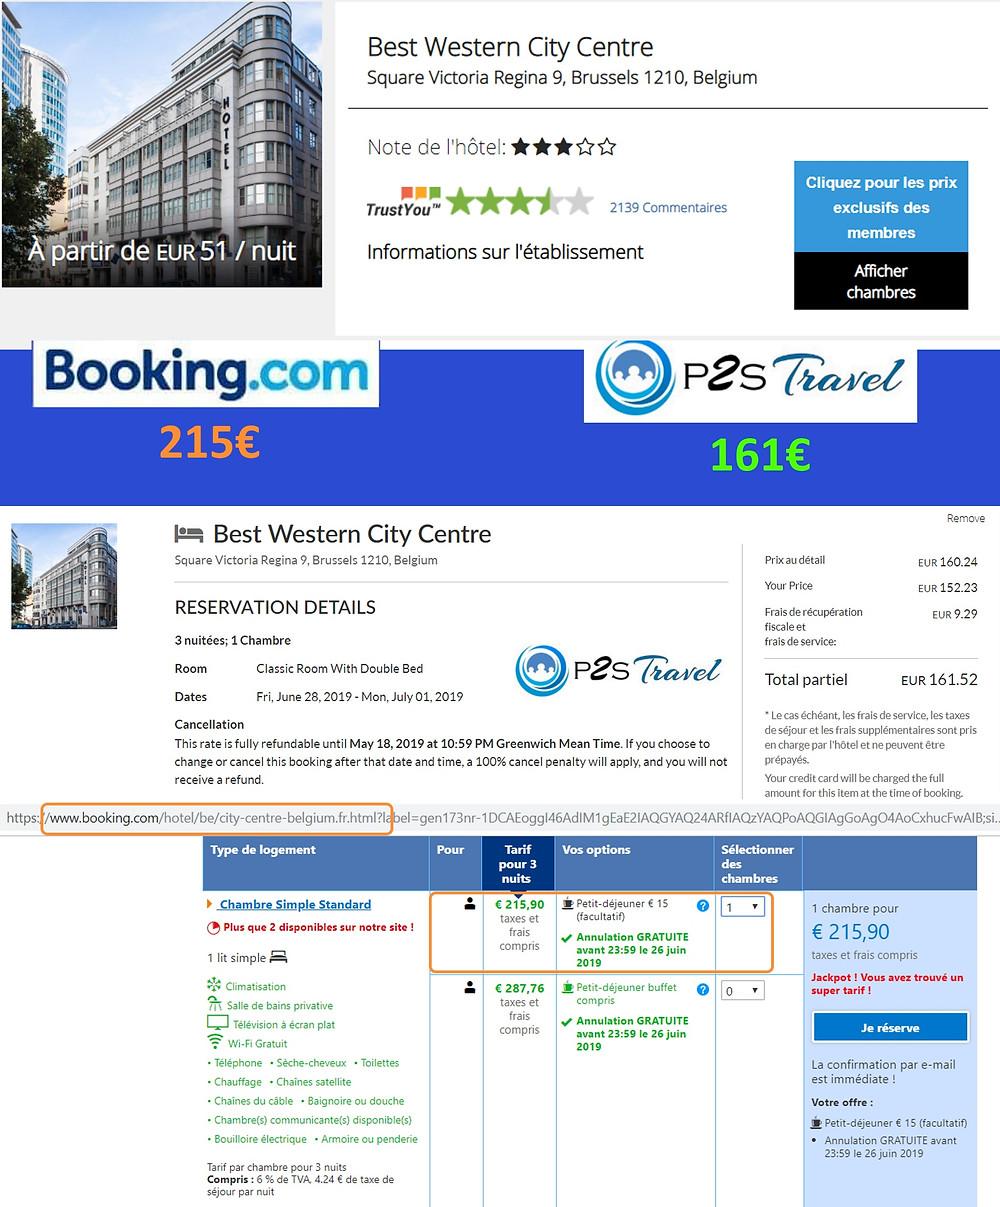 Hôtel Best Western Bruxelles centre à Bruxelles / Belgique - 1 chambre 3 nuits 2 adultes Tarif sur Booking 215€ - même chose sur P2S Travel 161€ soit 54€ d'économies en réservant sur le site réservation P2S Travel